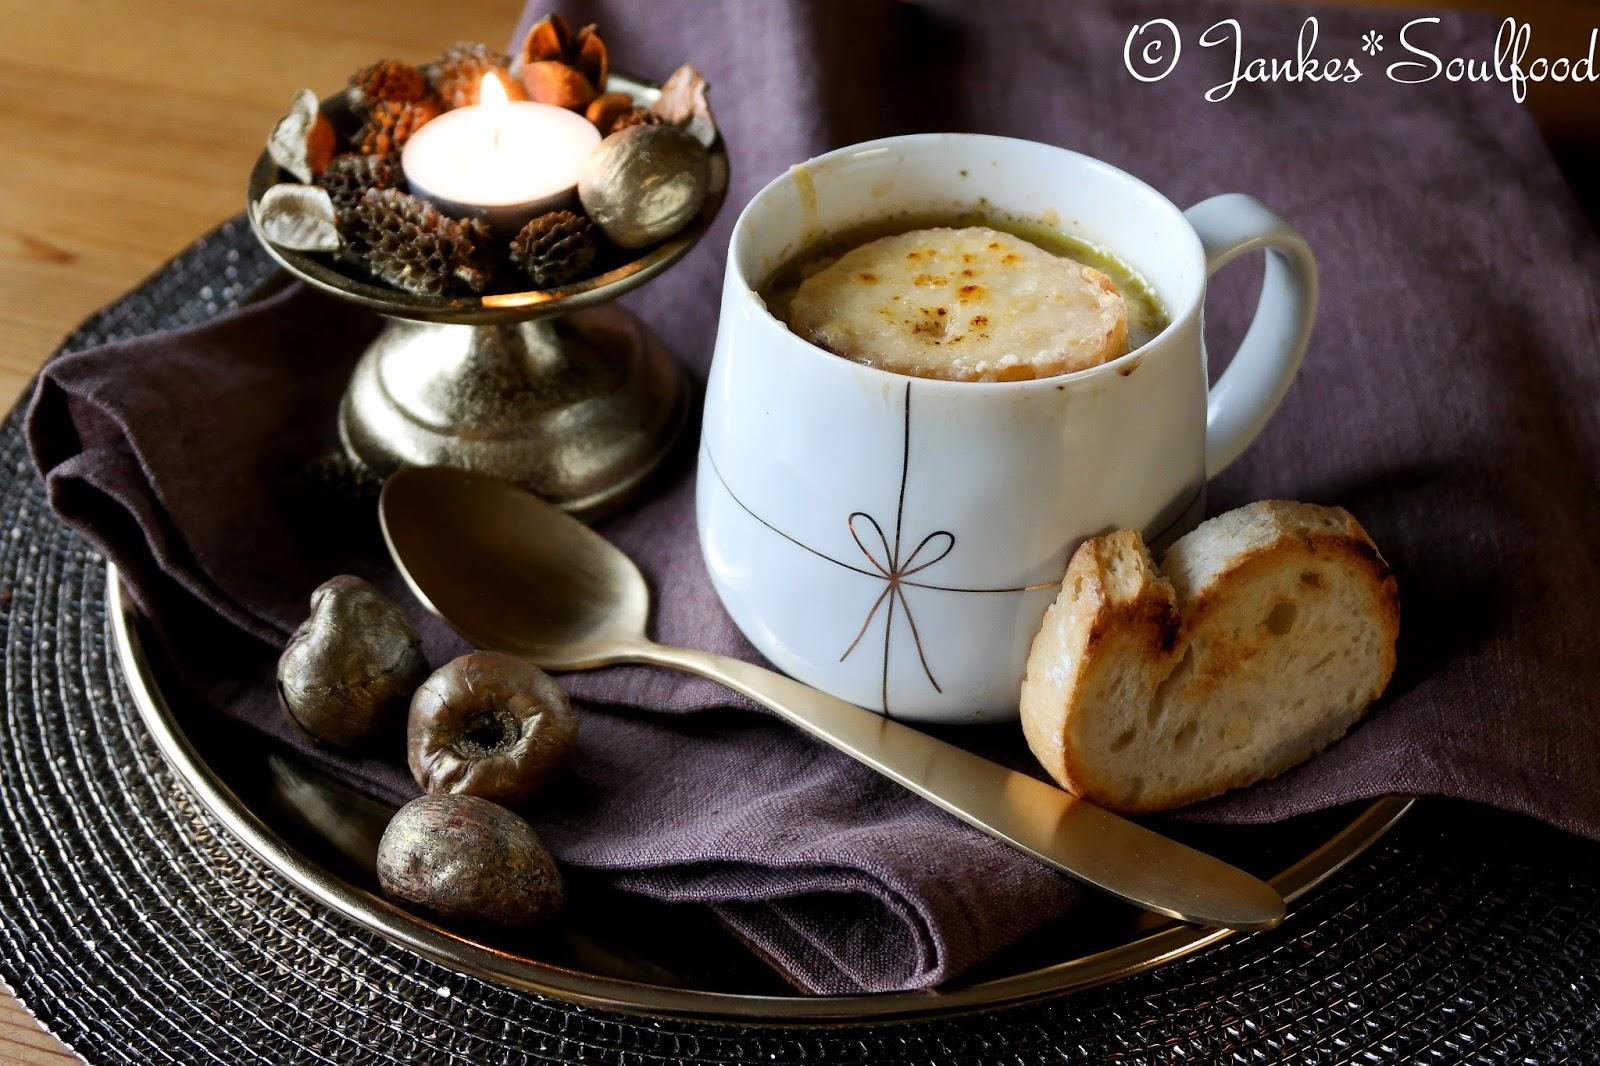 Soupe a l'oignon - Jankes Soulfood